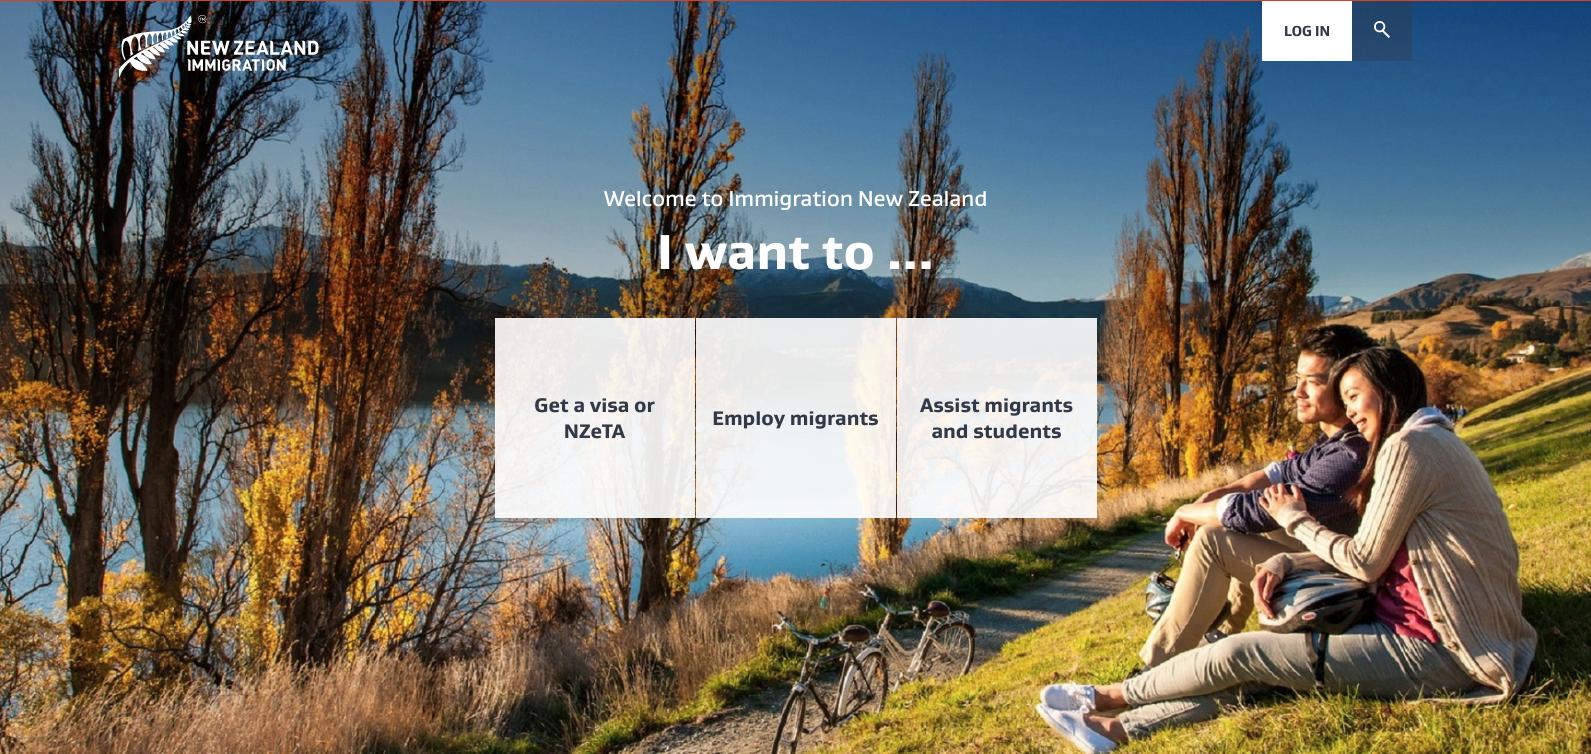 PVT - Visa Vacances-Travail Nouvelle-Zelande